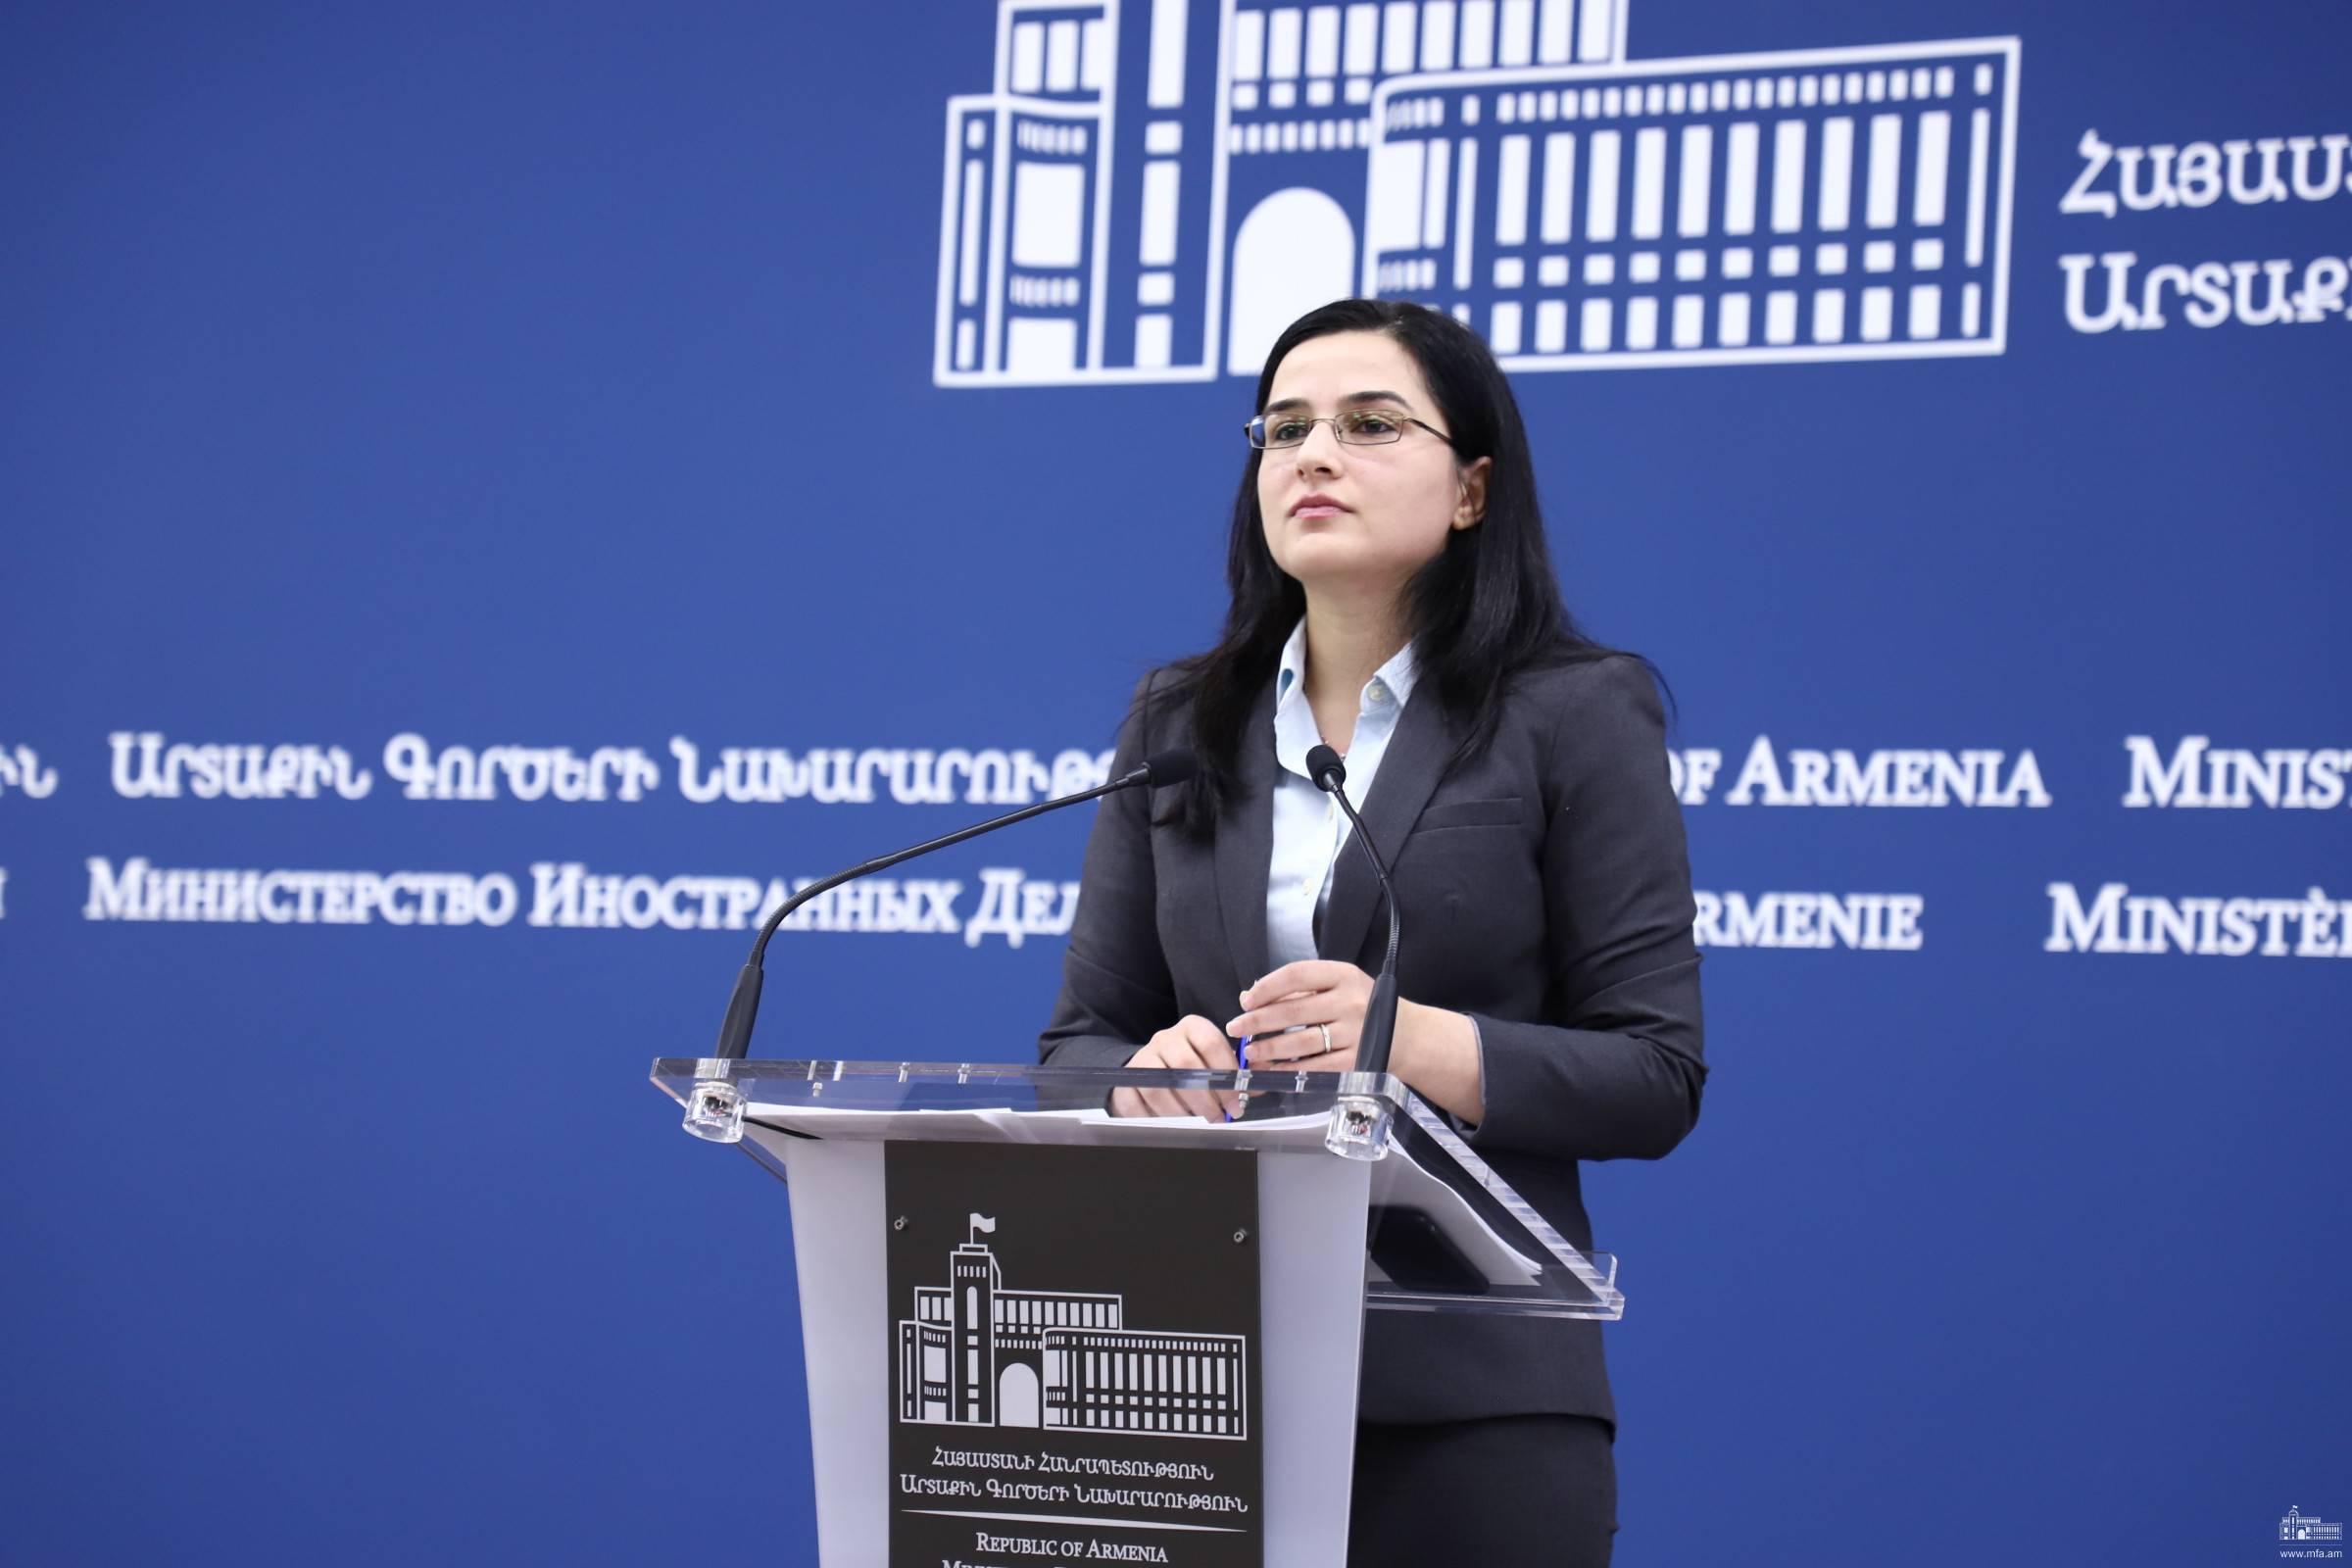 Комментарий Пресс-секретаря МИД Армении относительно заявления Министра иностранных дел Словакии о проведении встречи Министров иностранных дел Армении и Азербайджана в Братиславе